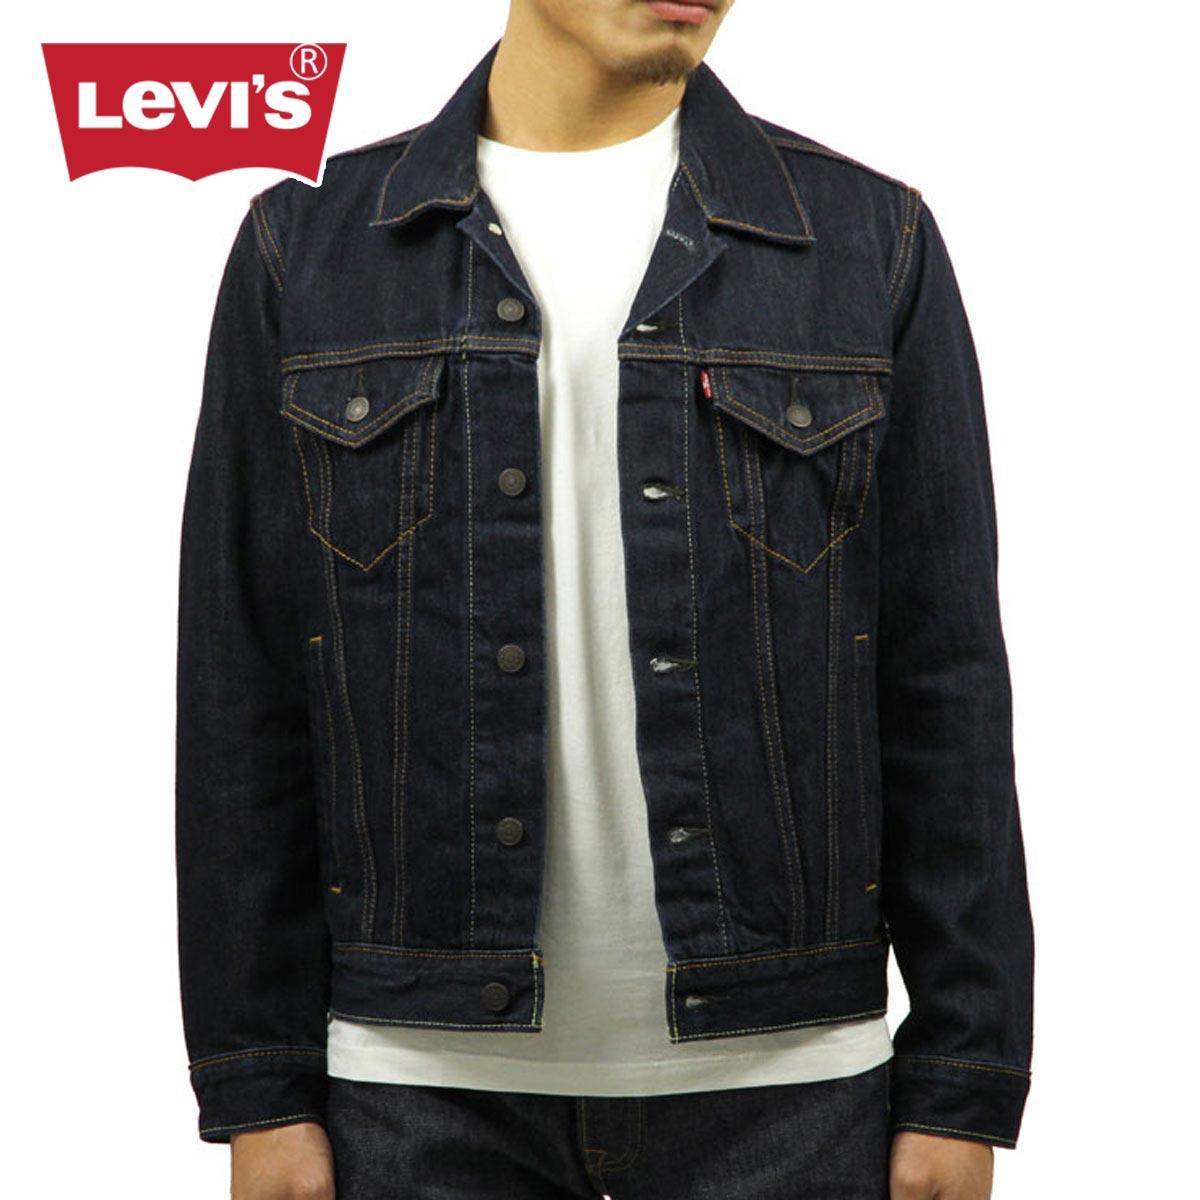 リーバイス LEVI'S LEVIS 正規品 メンズ アウタージャケット LEVI'S Denim Jacket Trucker Rinse 72334-0134 14.5oz